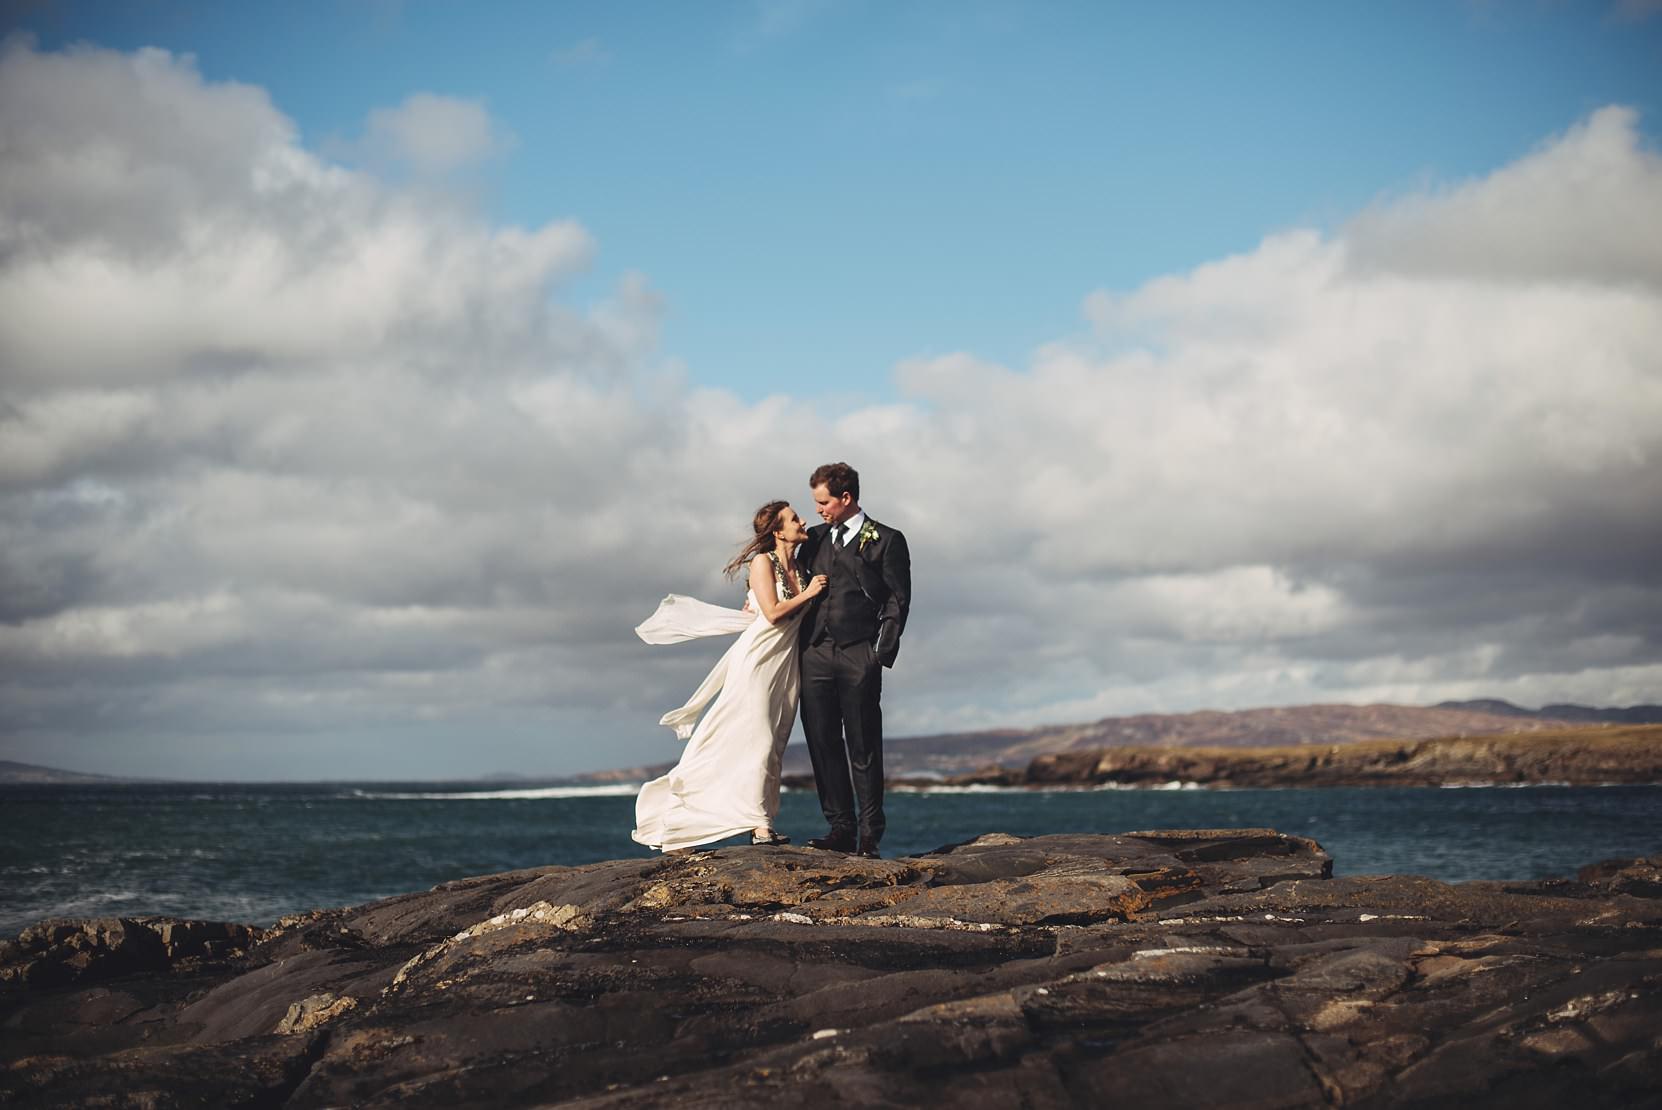 Portnoo-Wedding-Photography_0096